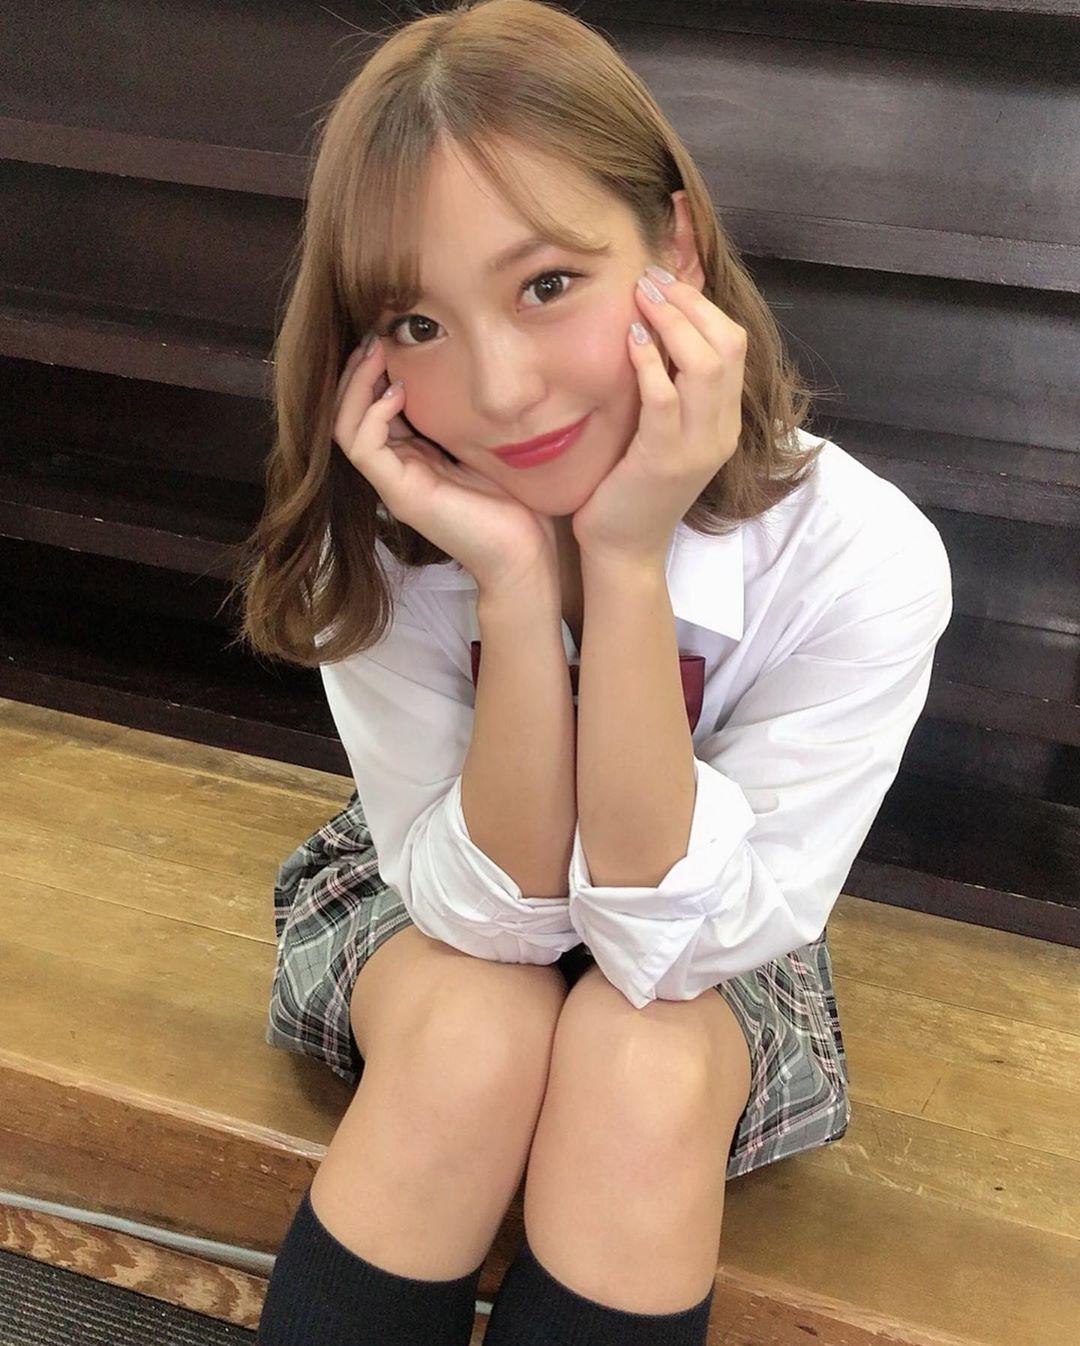 ishihara_yuriko164.jpg